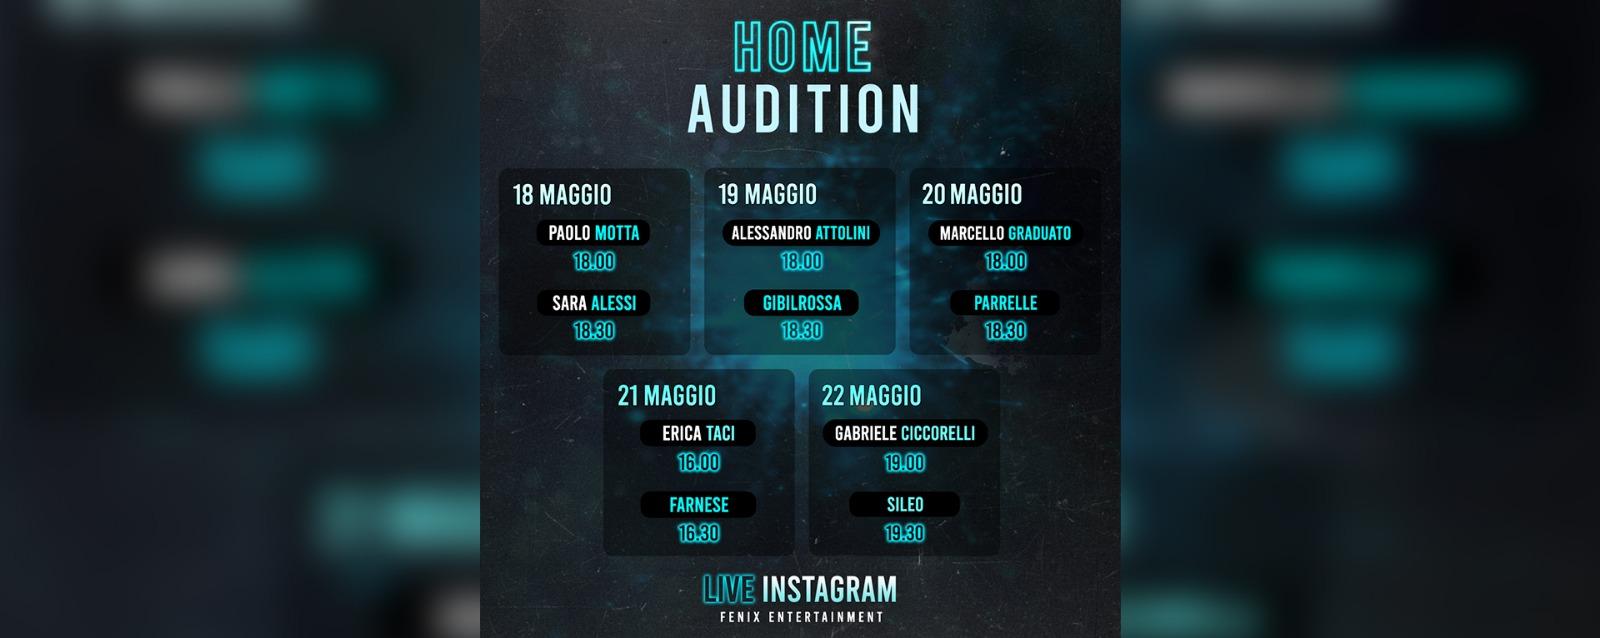 INIZIANO LE HOME AUDITION IL 18 MAGGIO